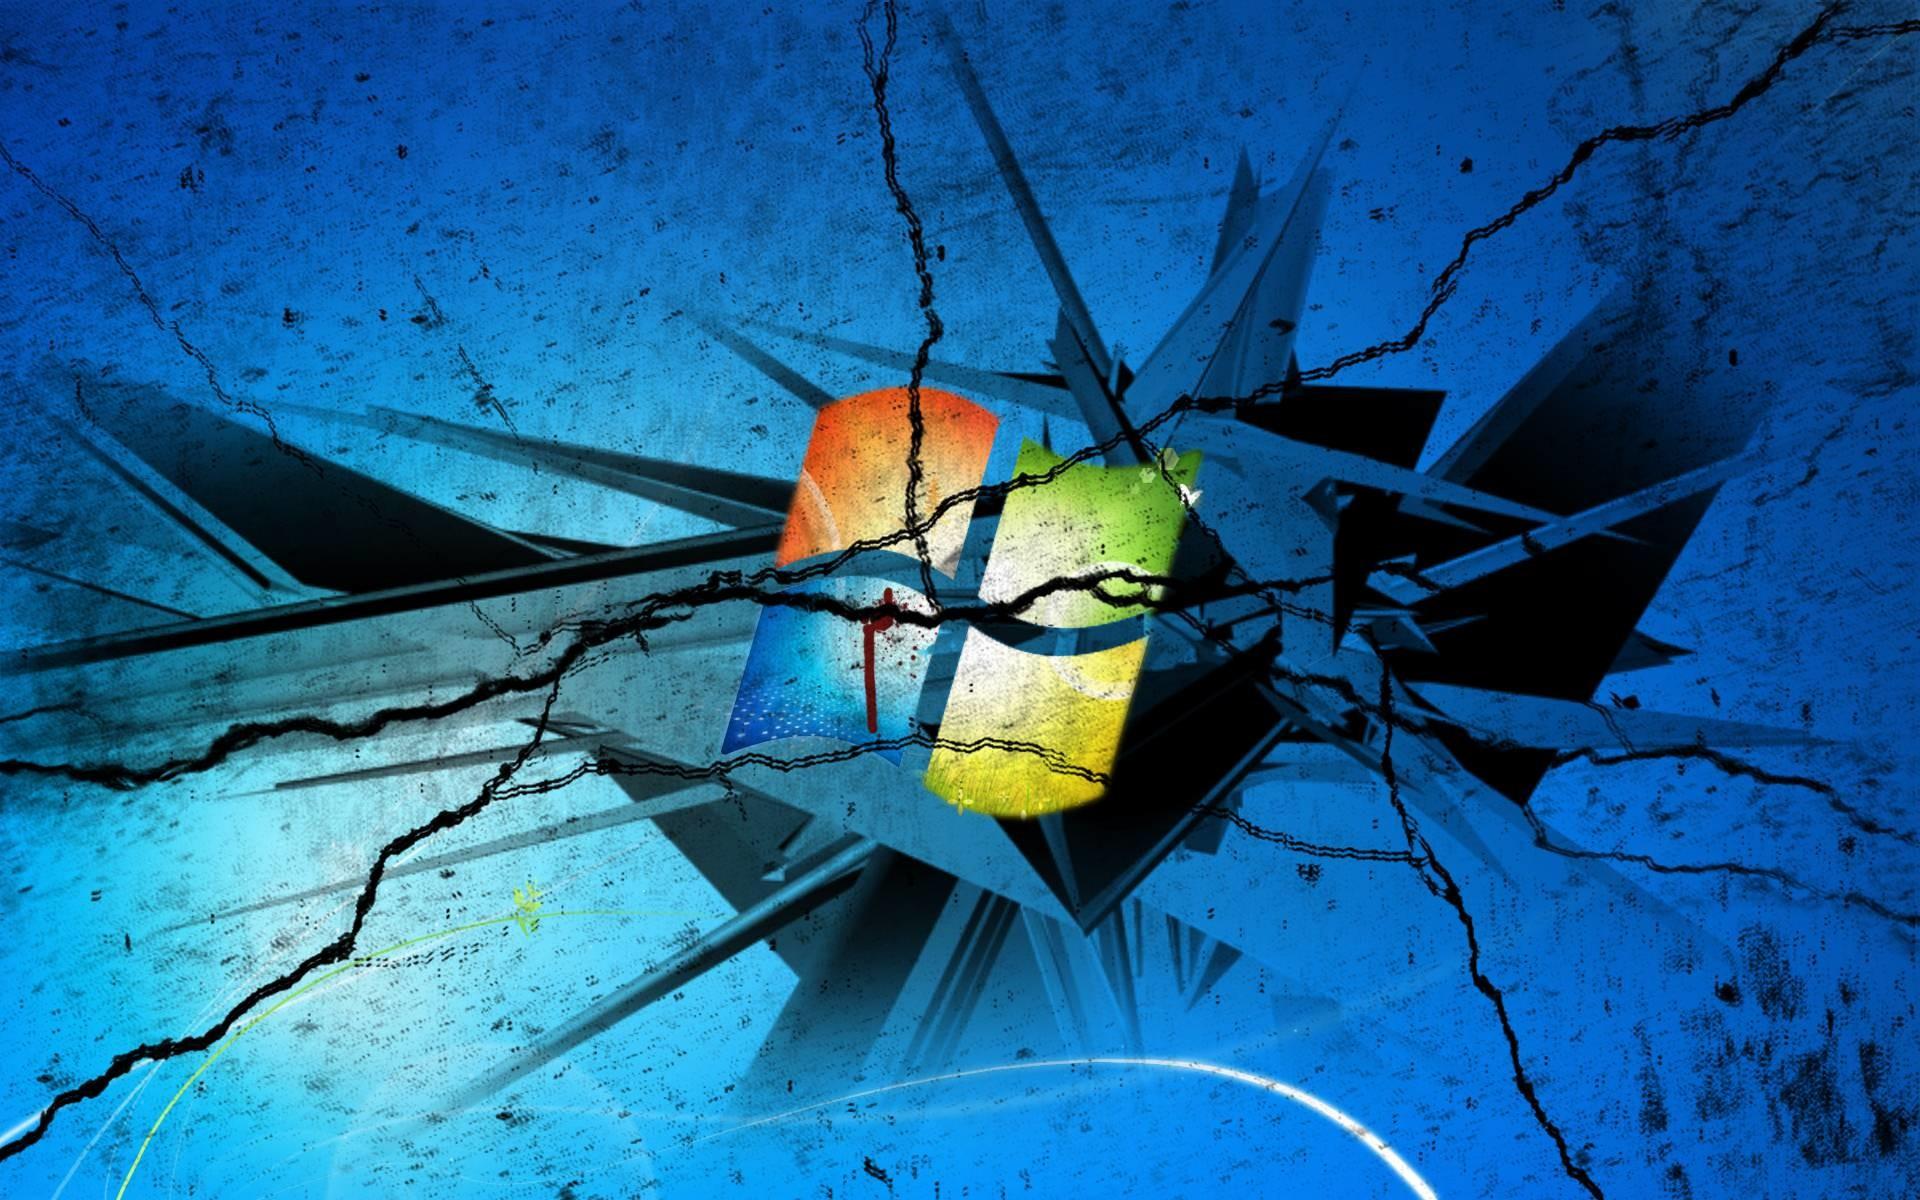 broken windows wallpaper (55+ images)